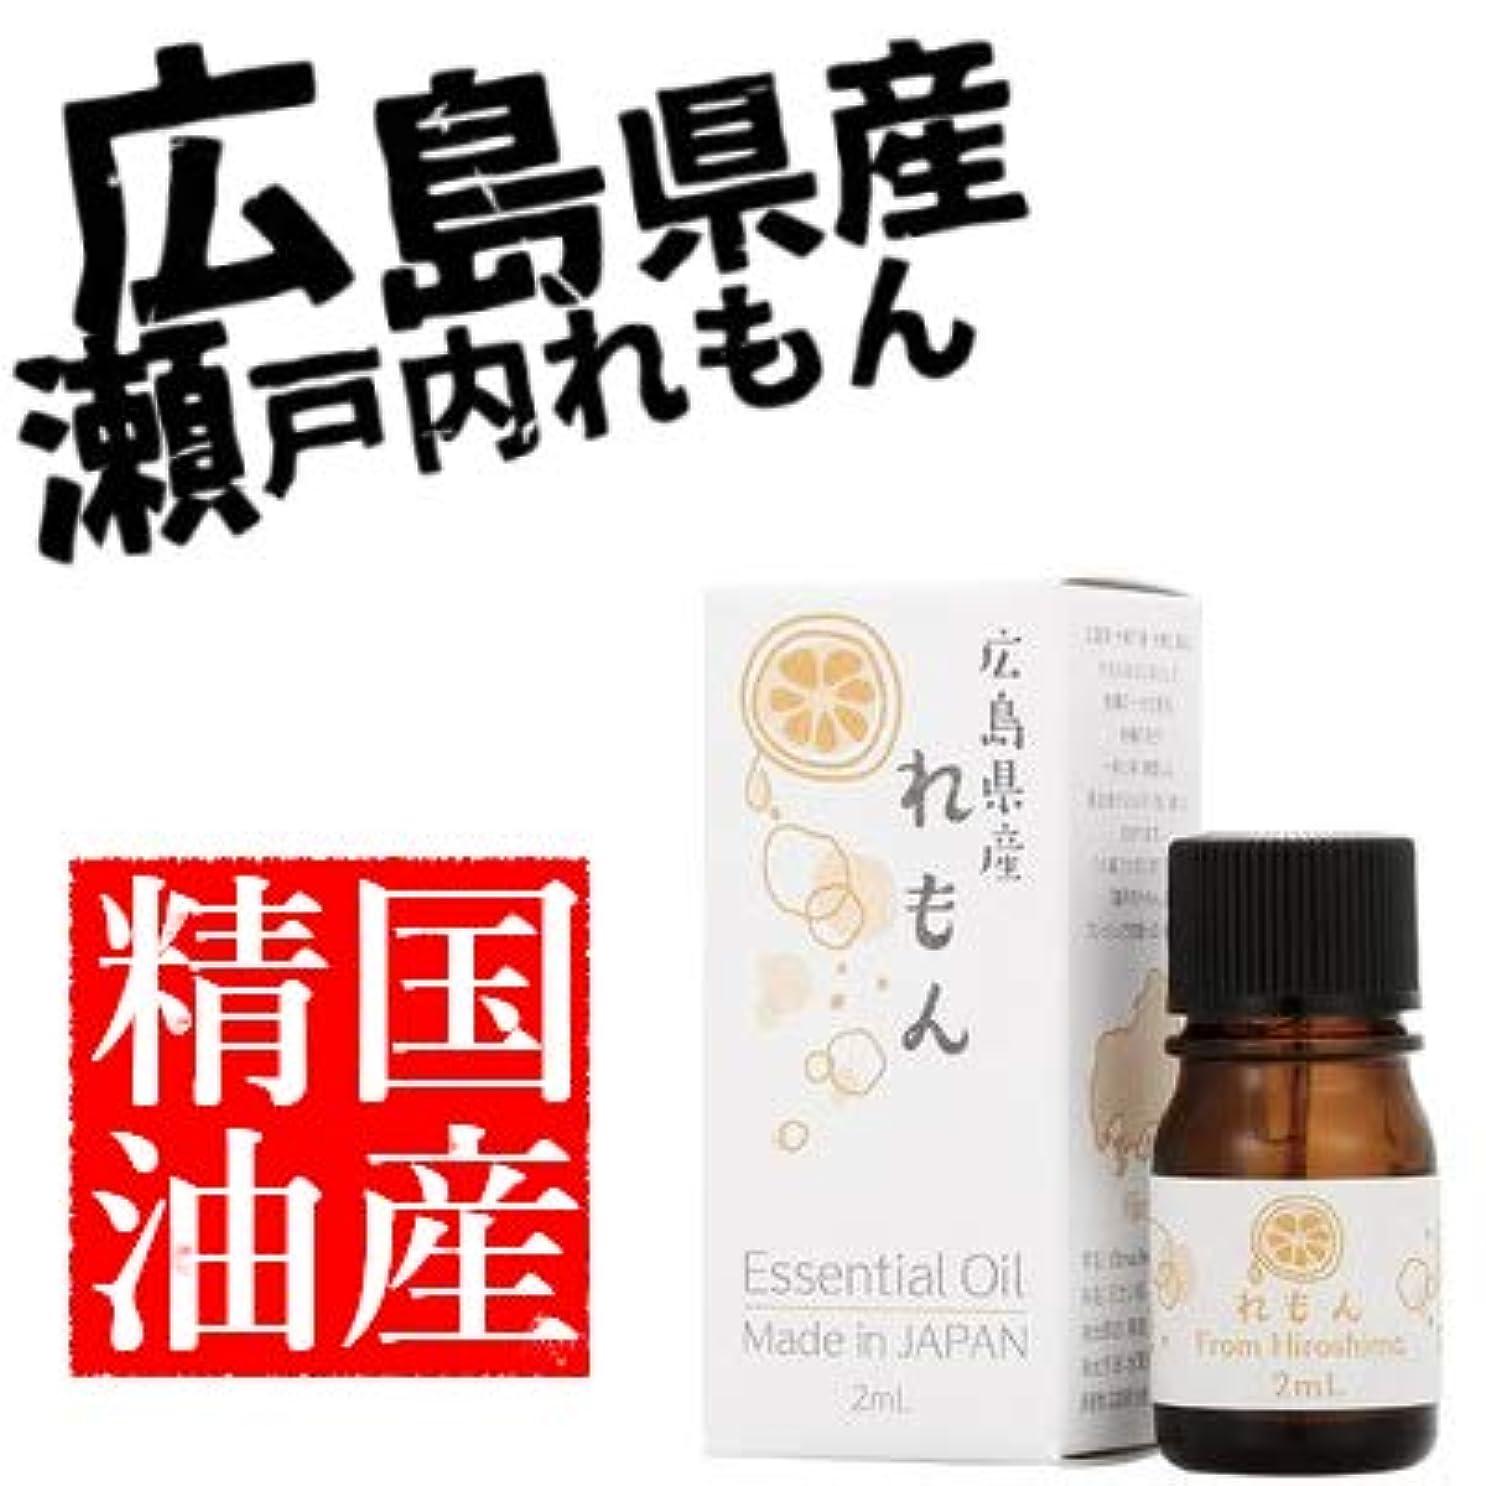 生理切手ゲートウェイ日本の香りシリーズ エッセンシャルオイル 国産精油 (れもん)